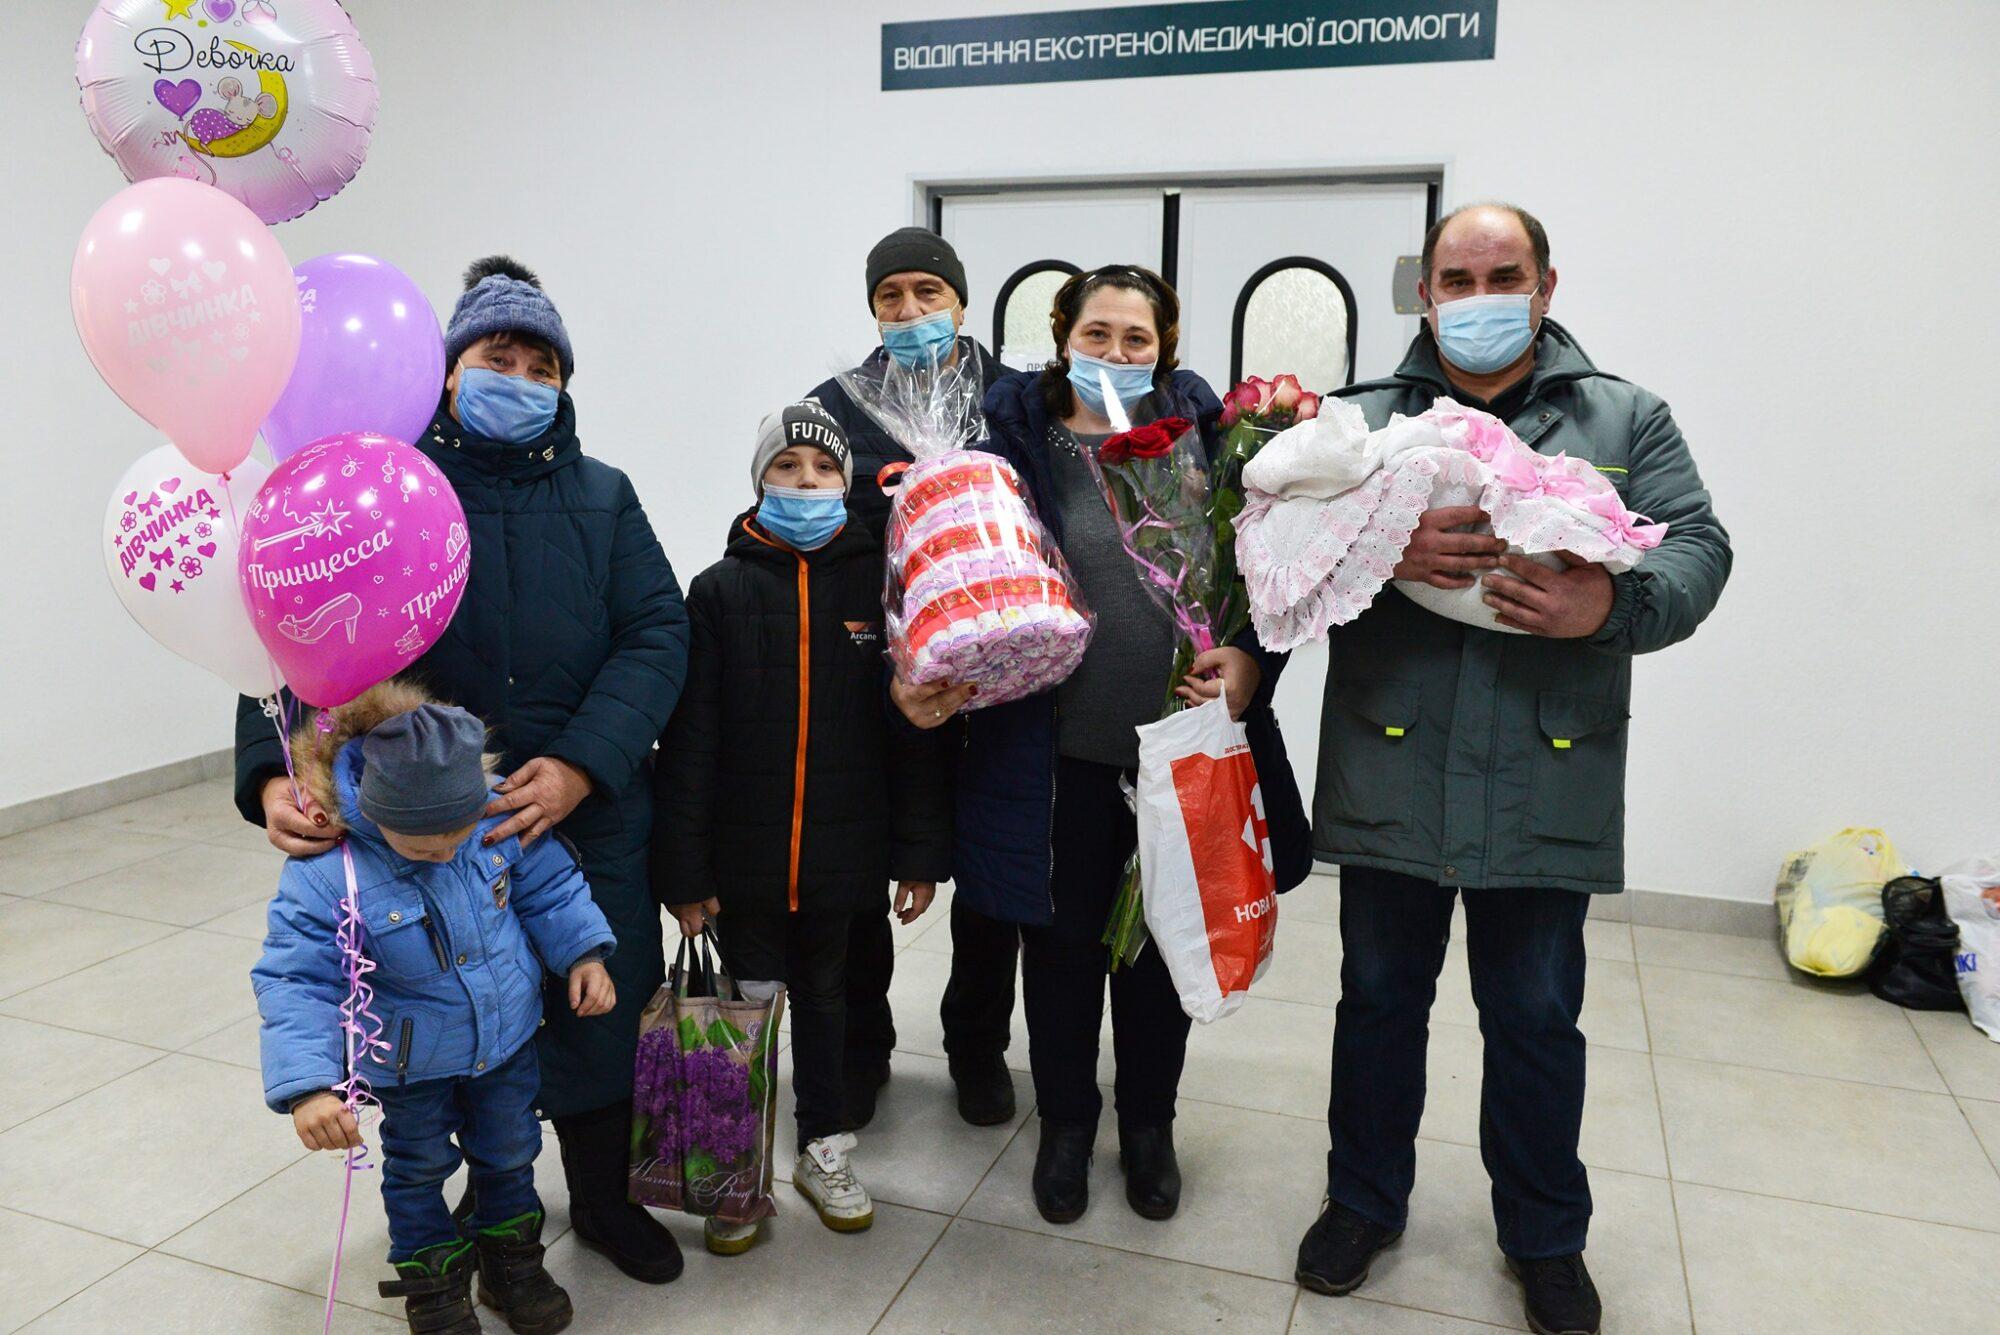 У 2021 році в Борисполі першою народилася дівчинка - народження, Дитина - 136648641 3496263210495880 7260384896145223092 o 2000x1335